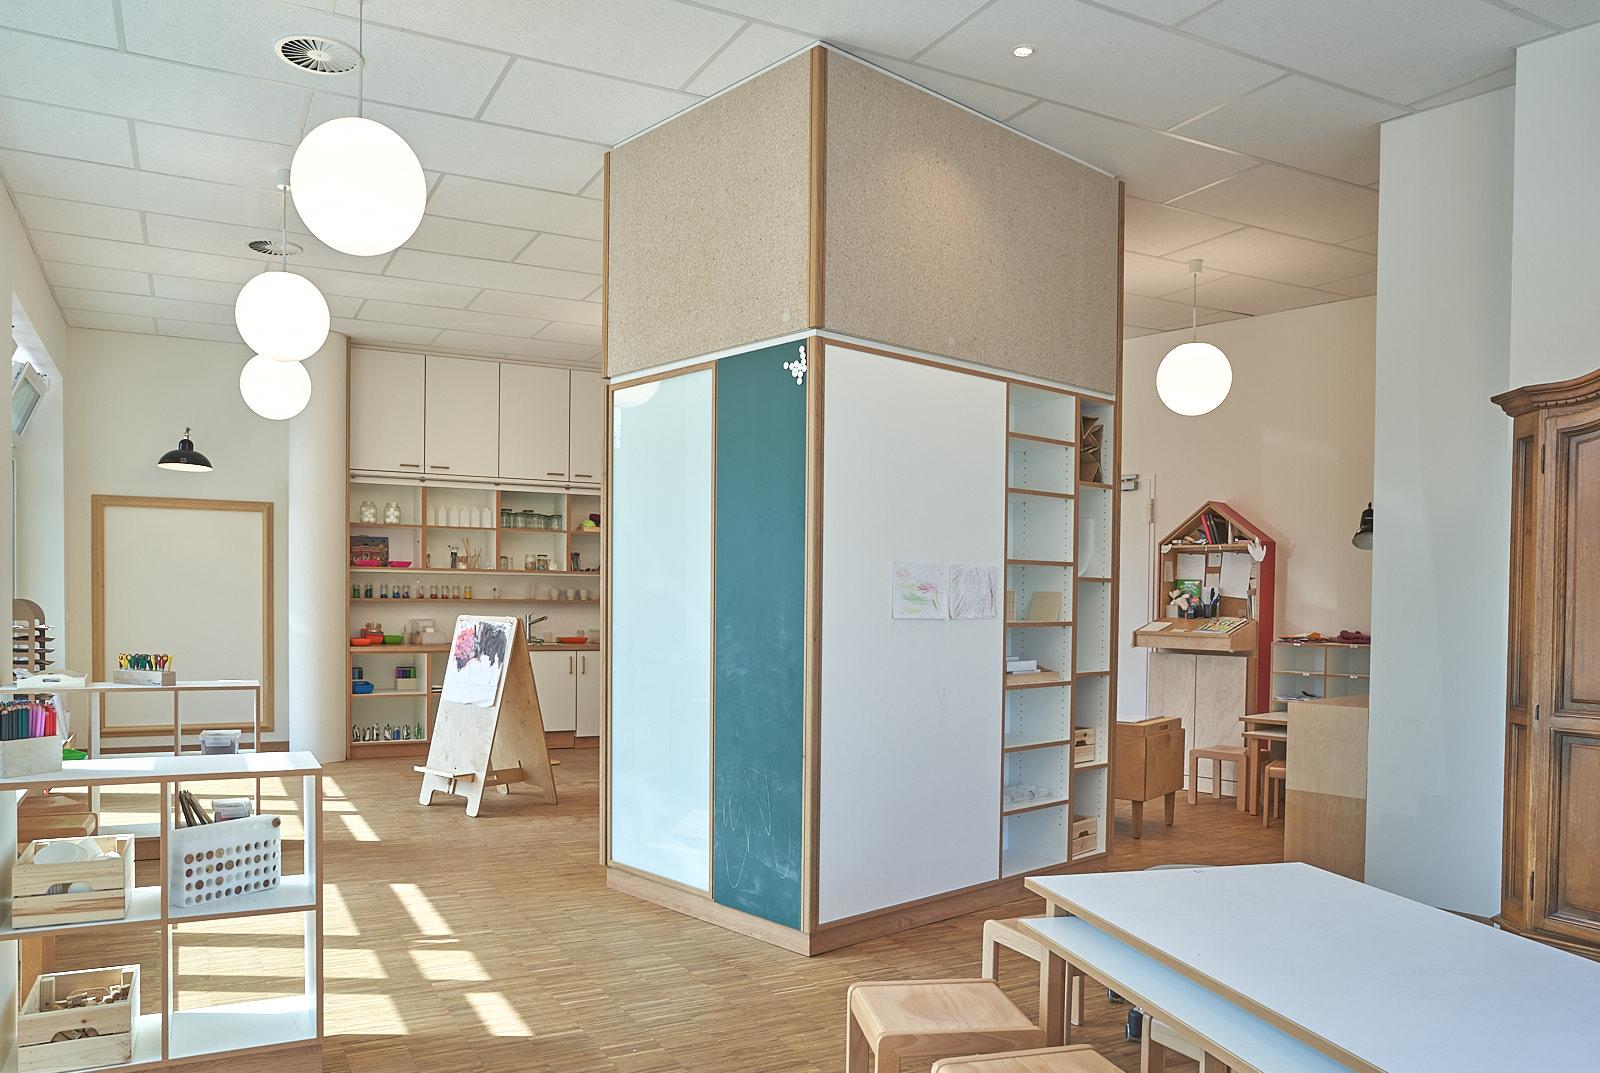 Hamburg, Neue Mitte Altona, Moete, Kita Sandvika, Atelier, Lernwerkstatt, Kita, Kindergarten, Kindertagesstätte, Krippe 04.jpg